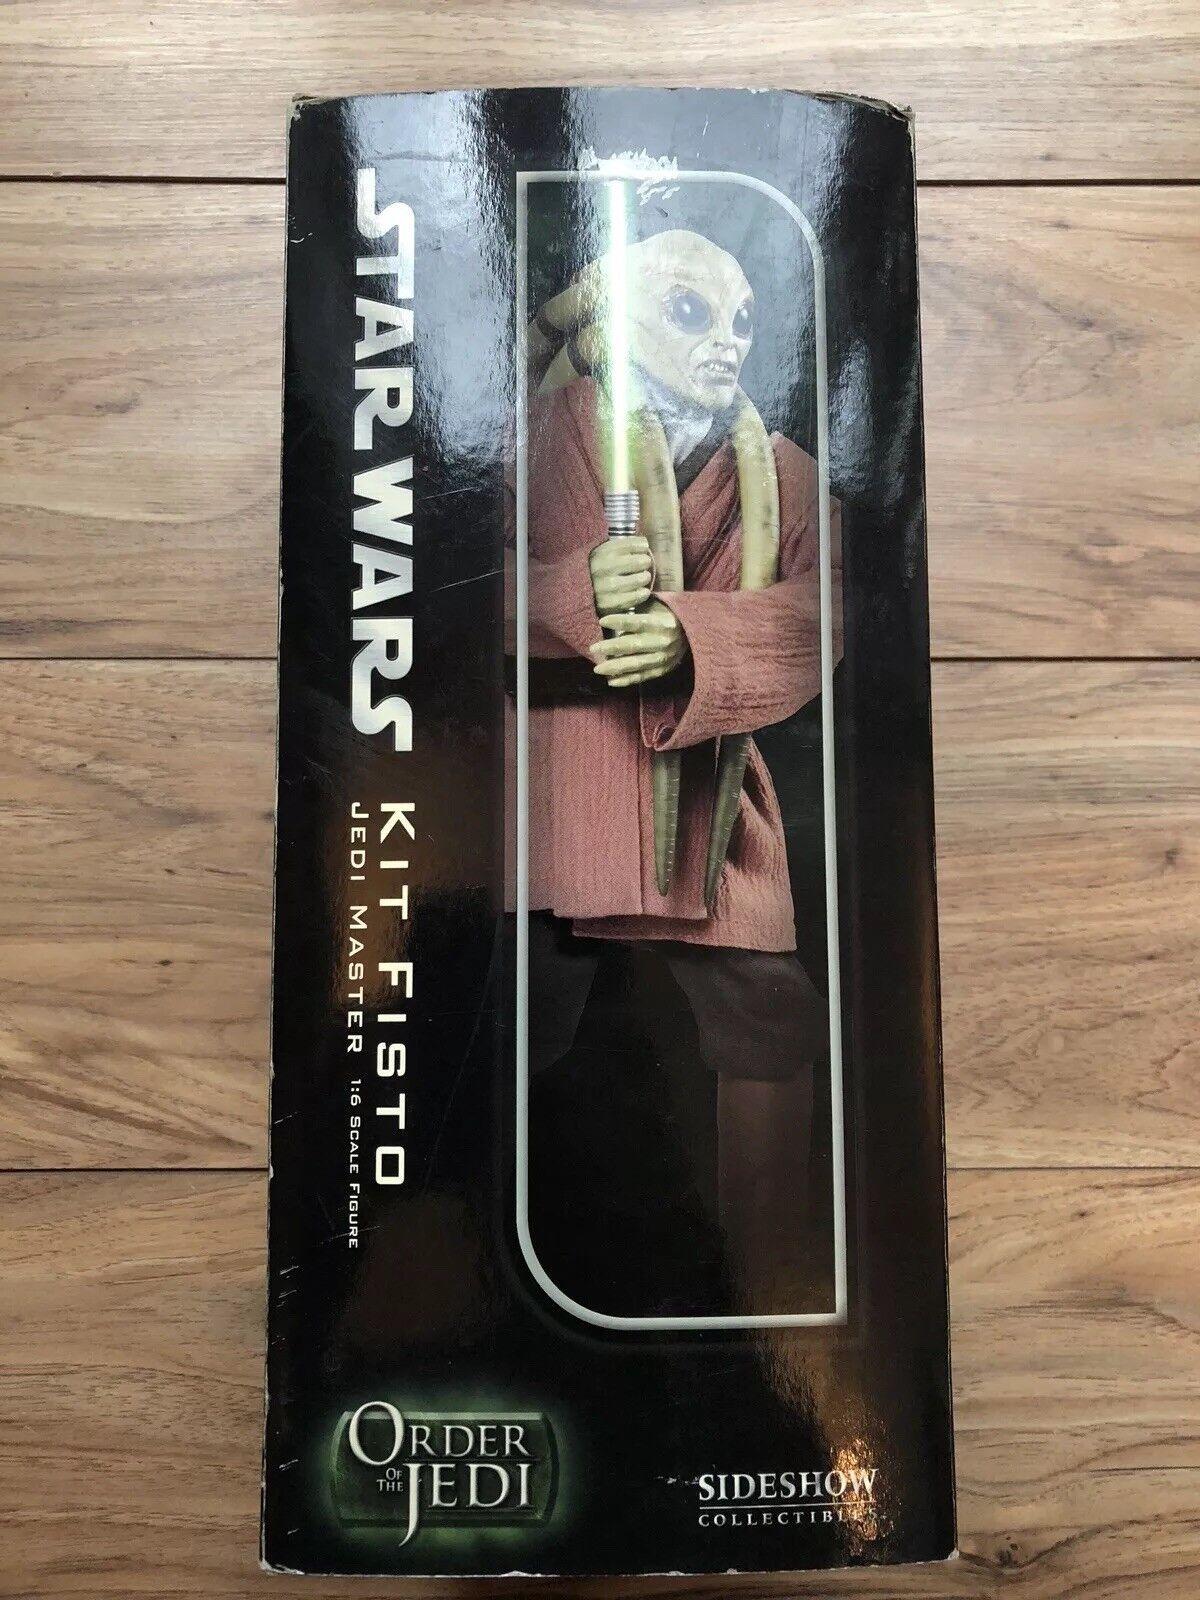 Sideshow Guerre Stellari ordine dei Jedi KIT FISTO FISTO FISTO Maestro Jedi afssc 1088 cf58b0